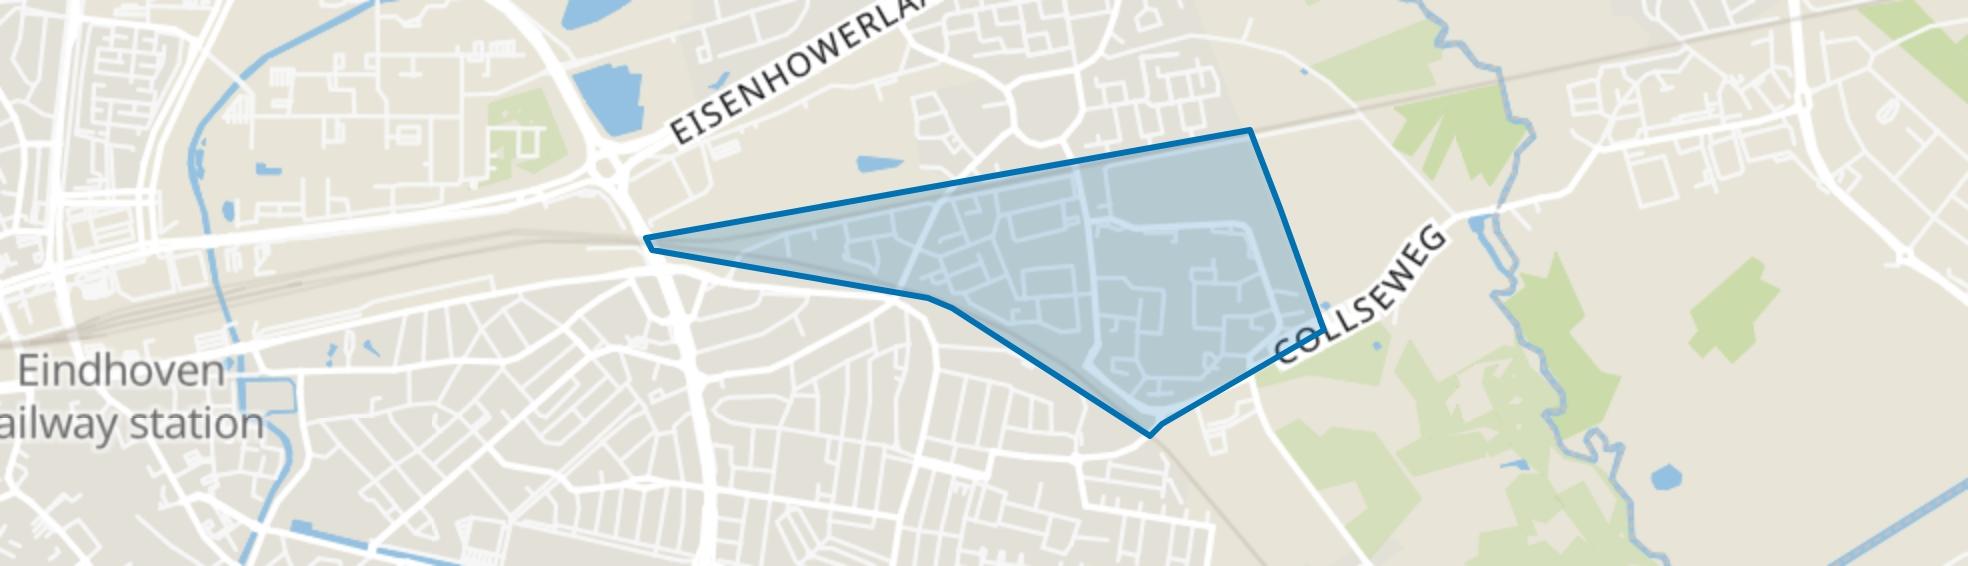 Muschberg, Geestenberg, Eindhoven map